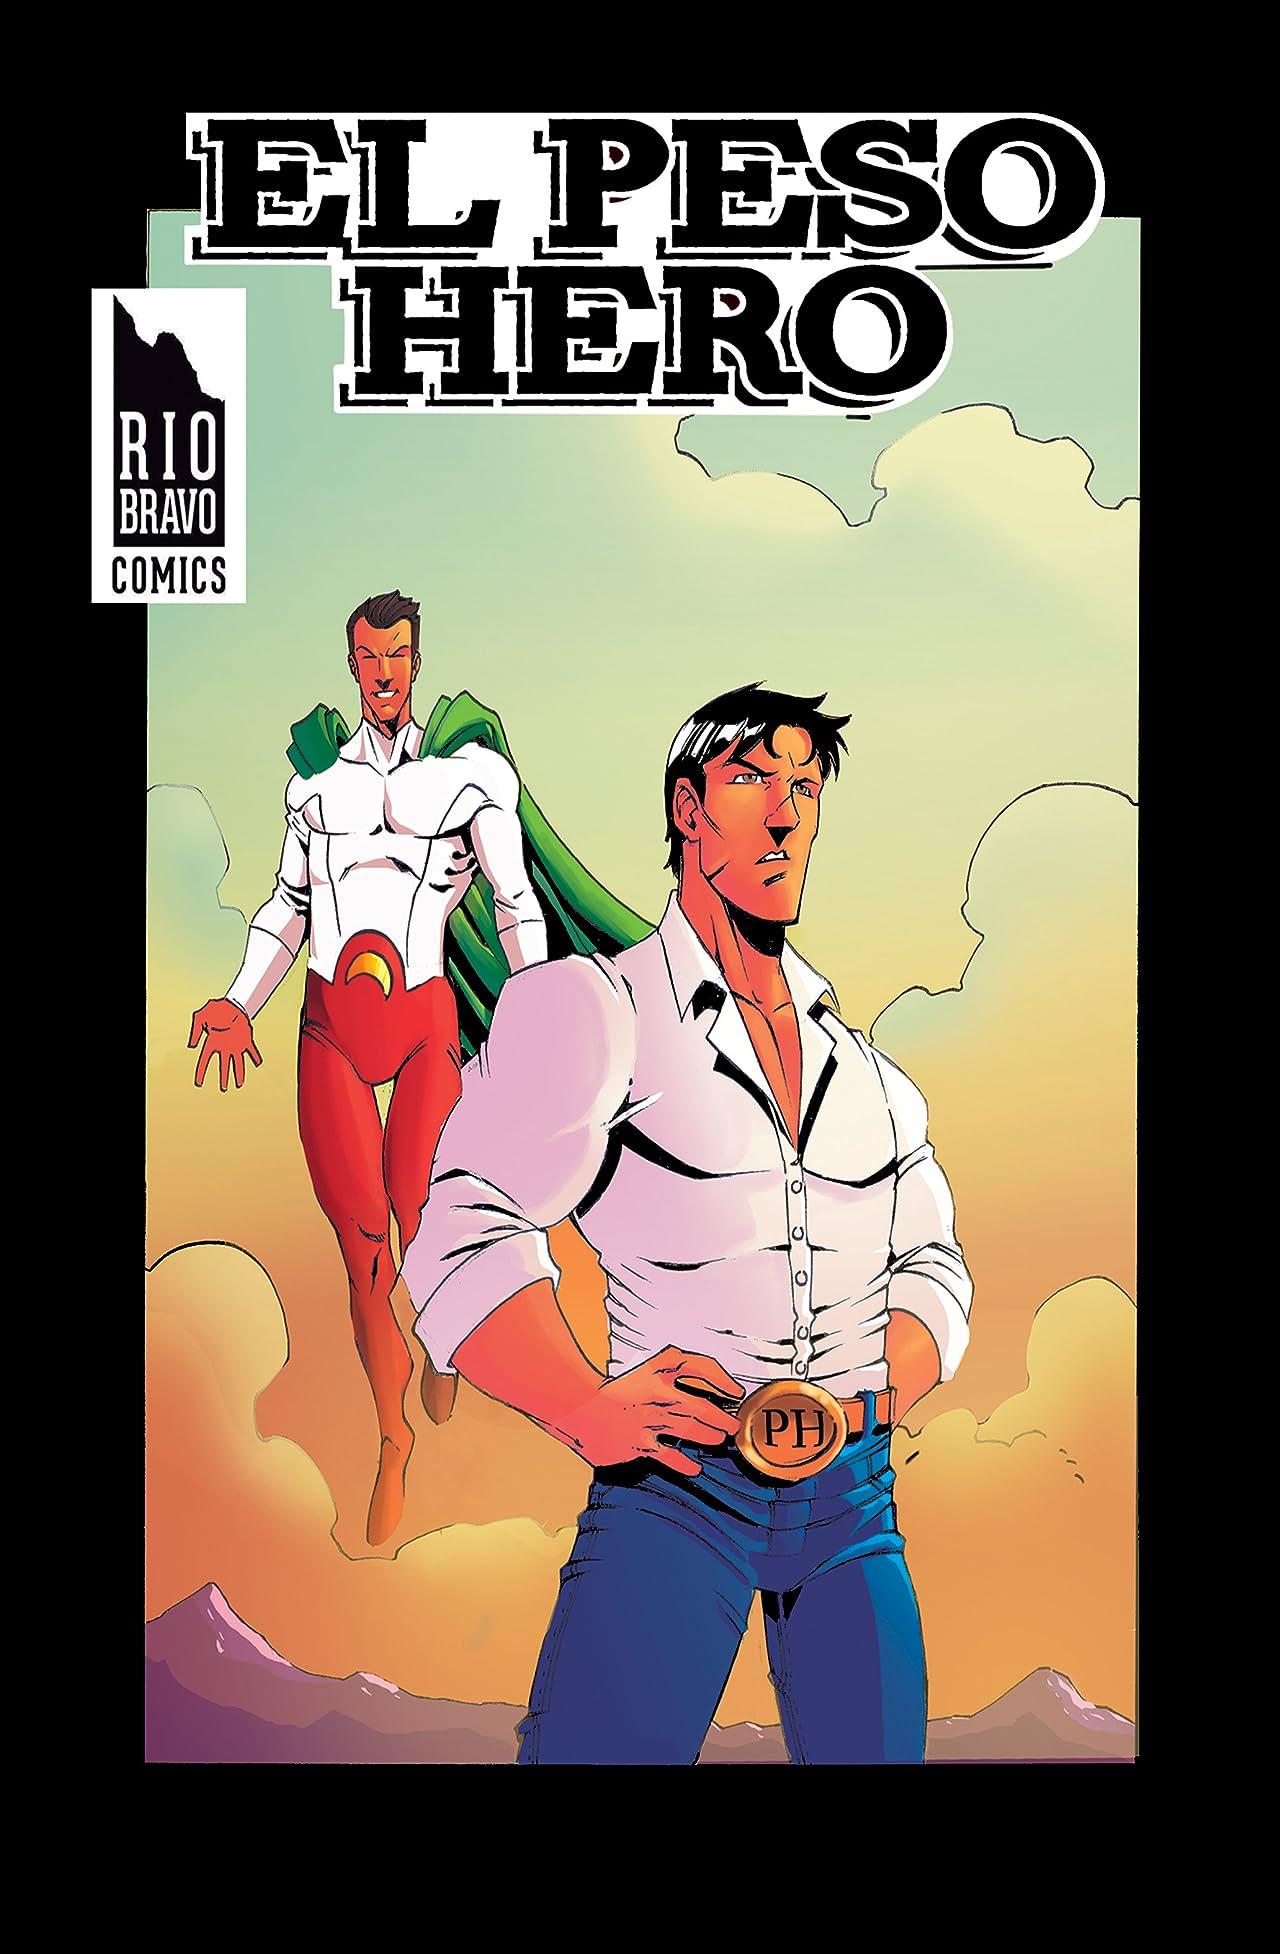 El Peso Hero #3